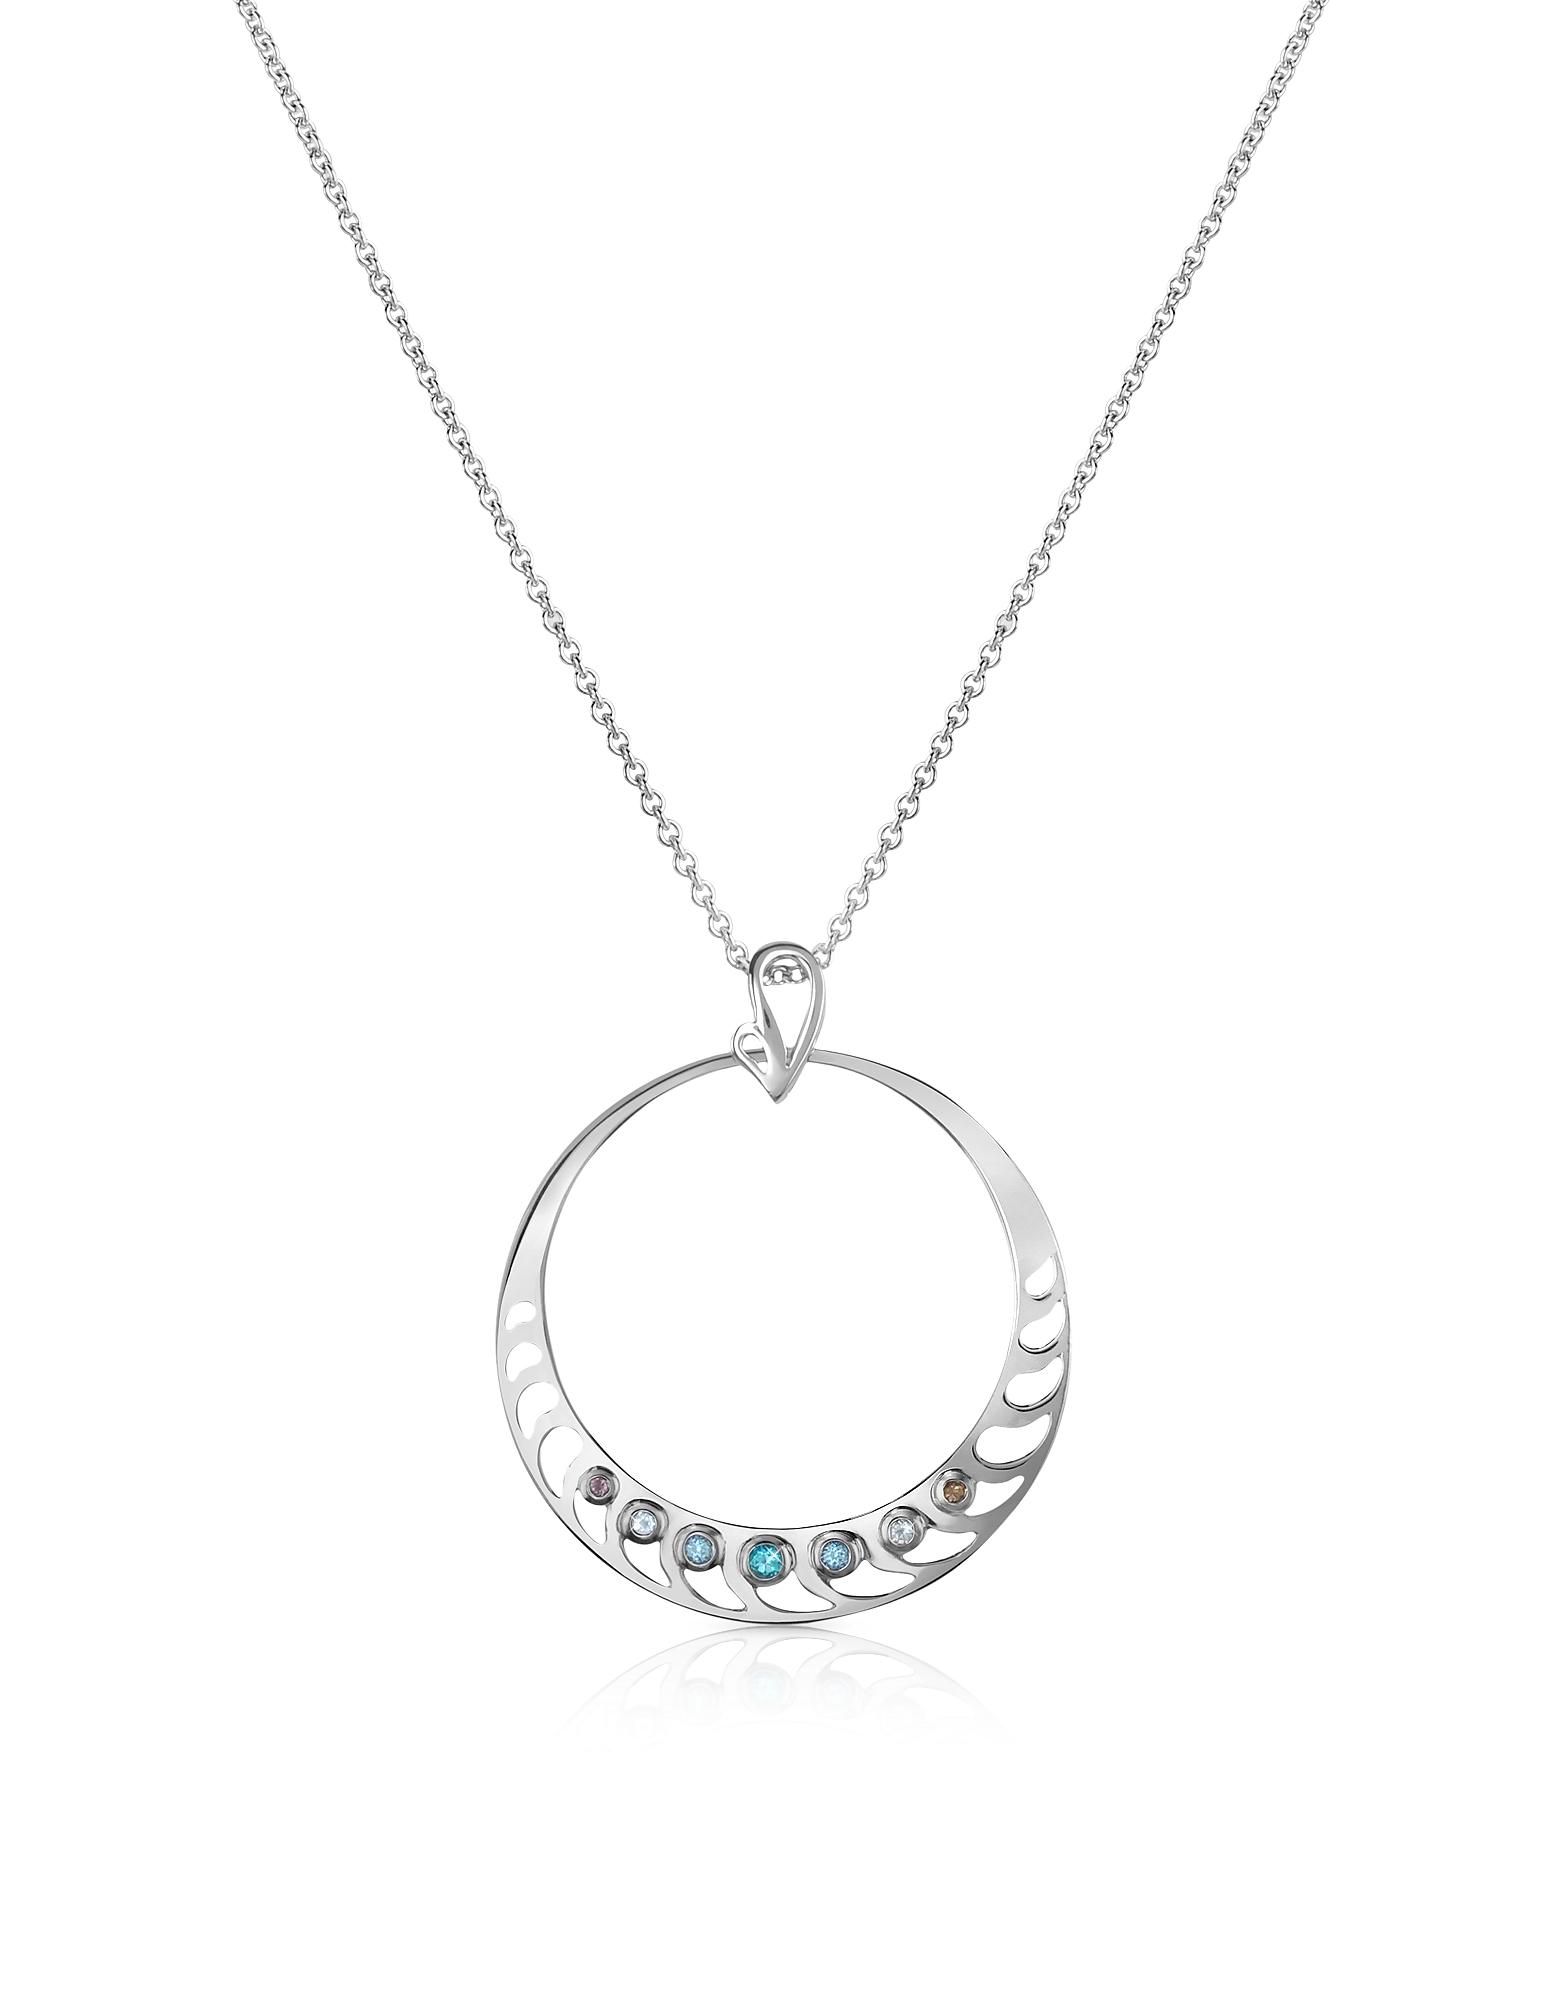 Ожерелье с Подвеской из Серебра 925 пробы